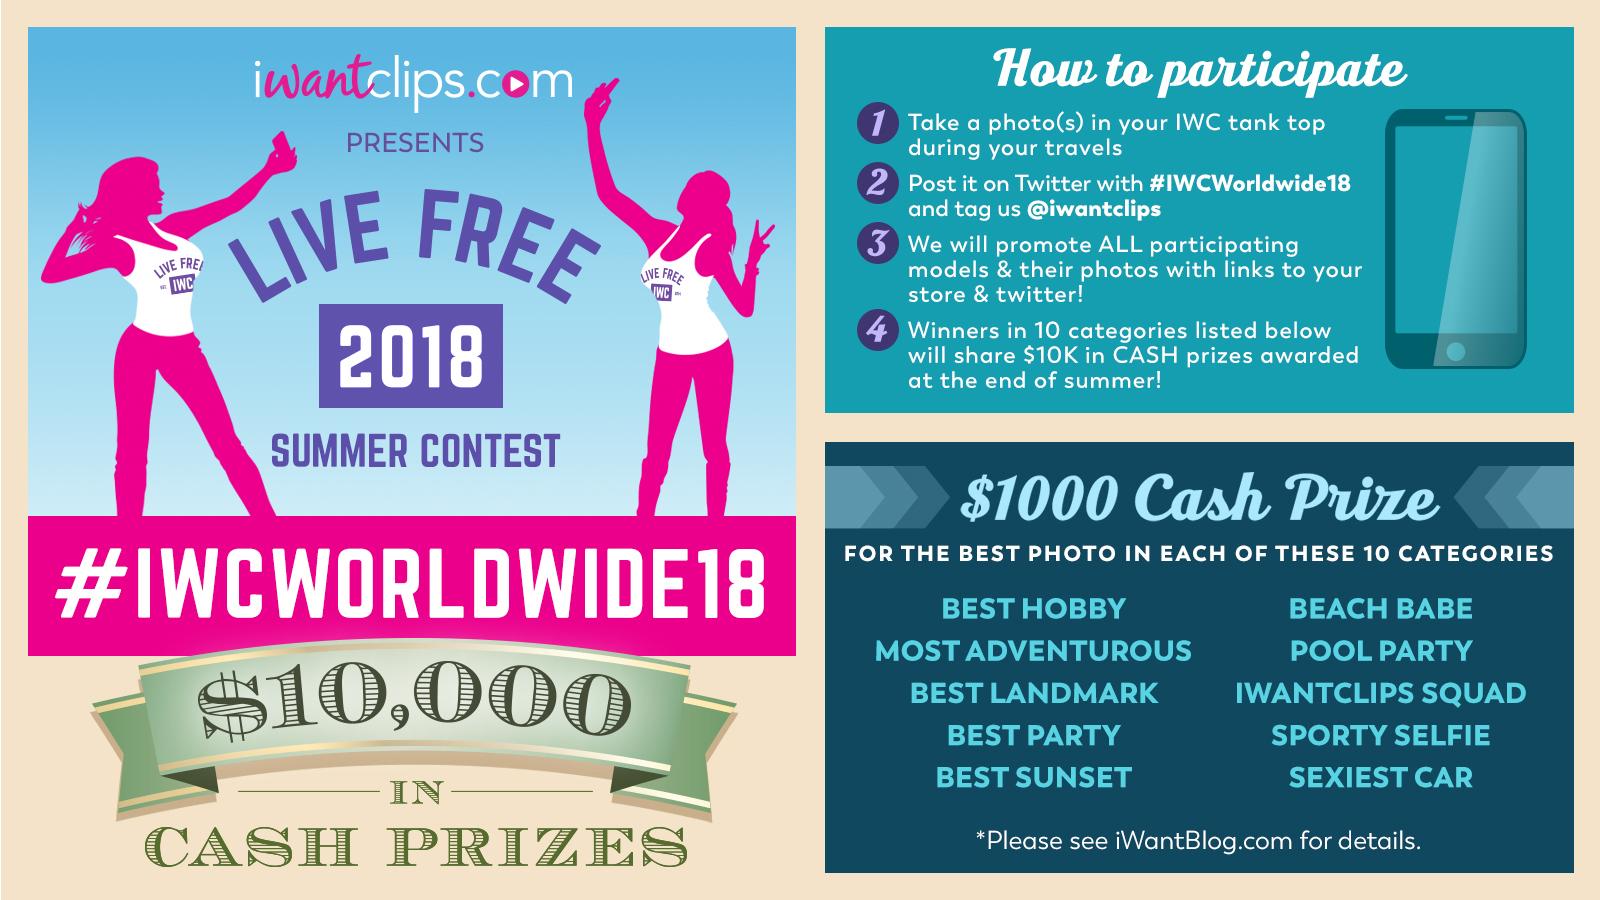 iWantClips 2018 Summer Photo Contest: #IWCWorldwide18